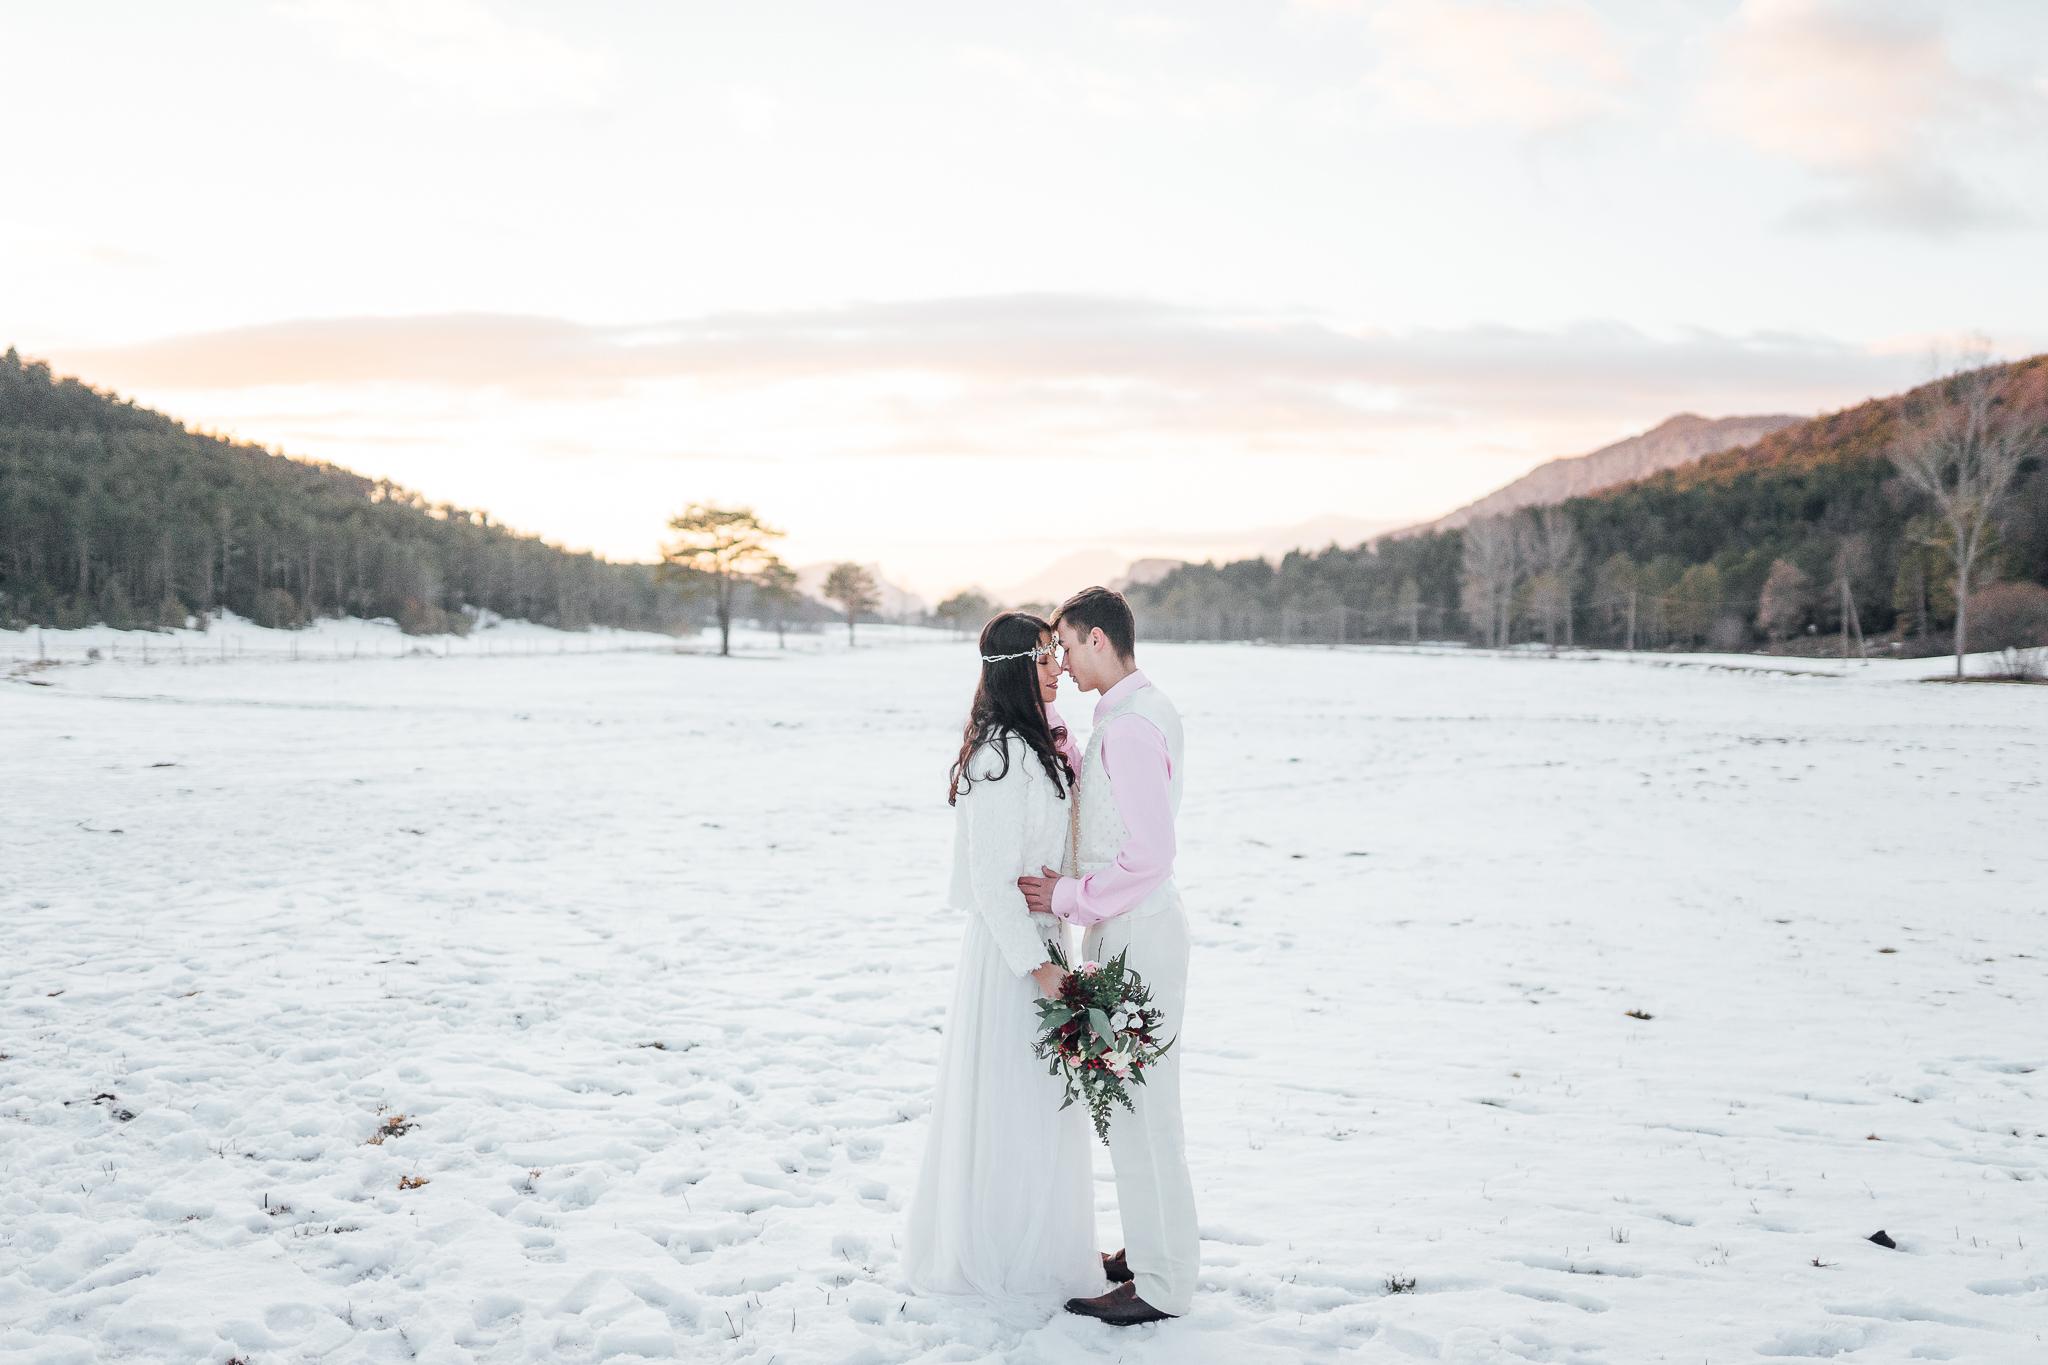 Novios de invierno winter Love tocado invernal